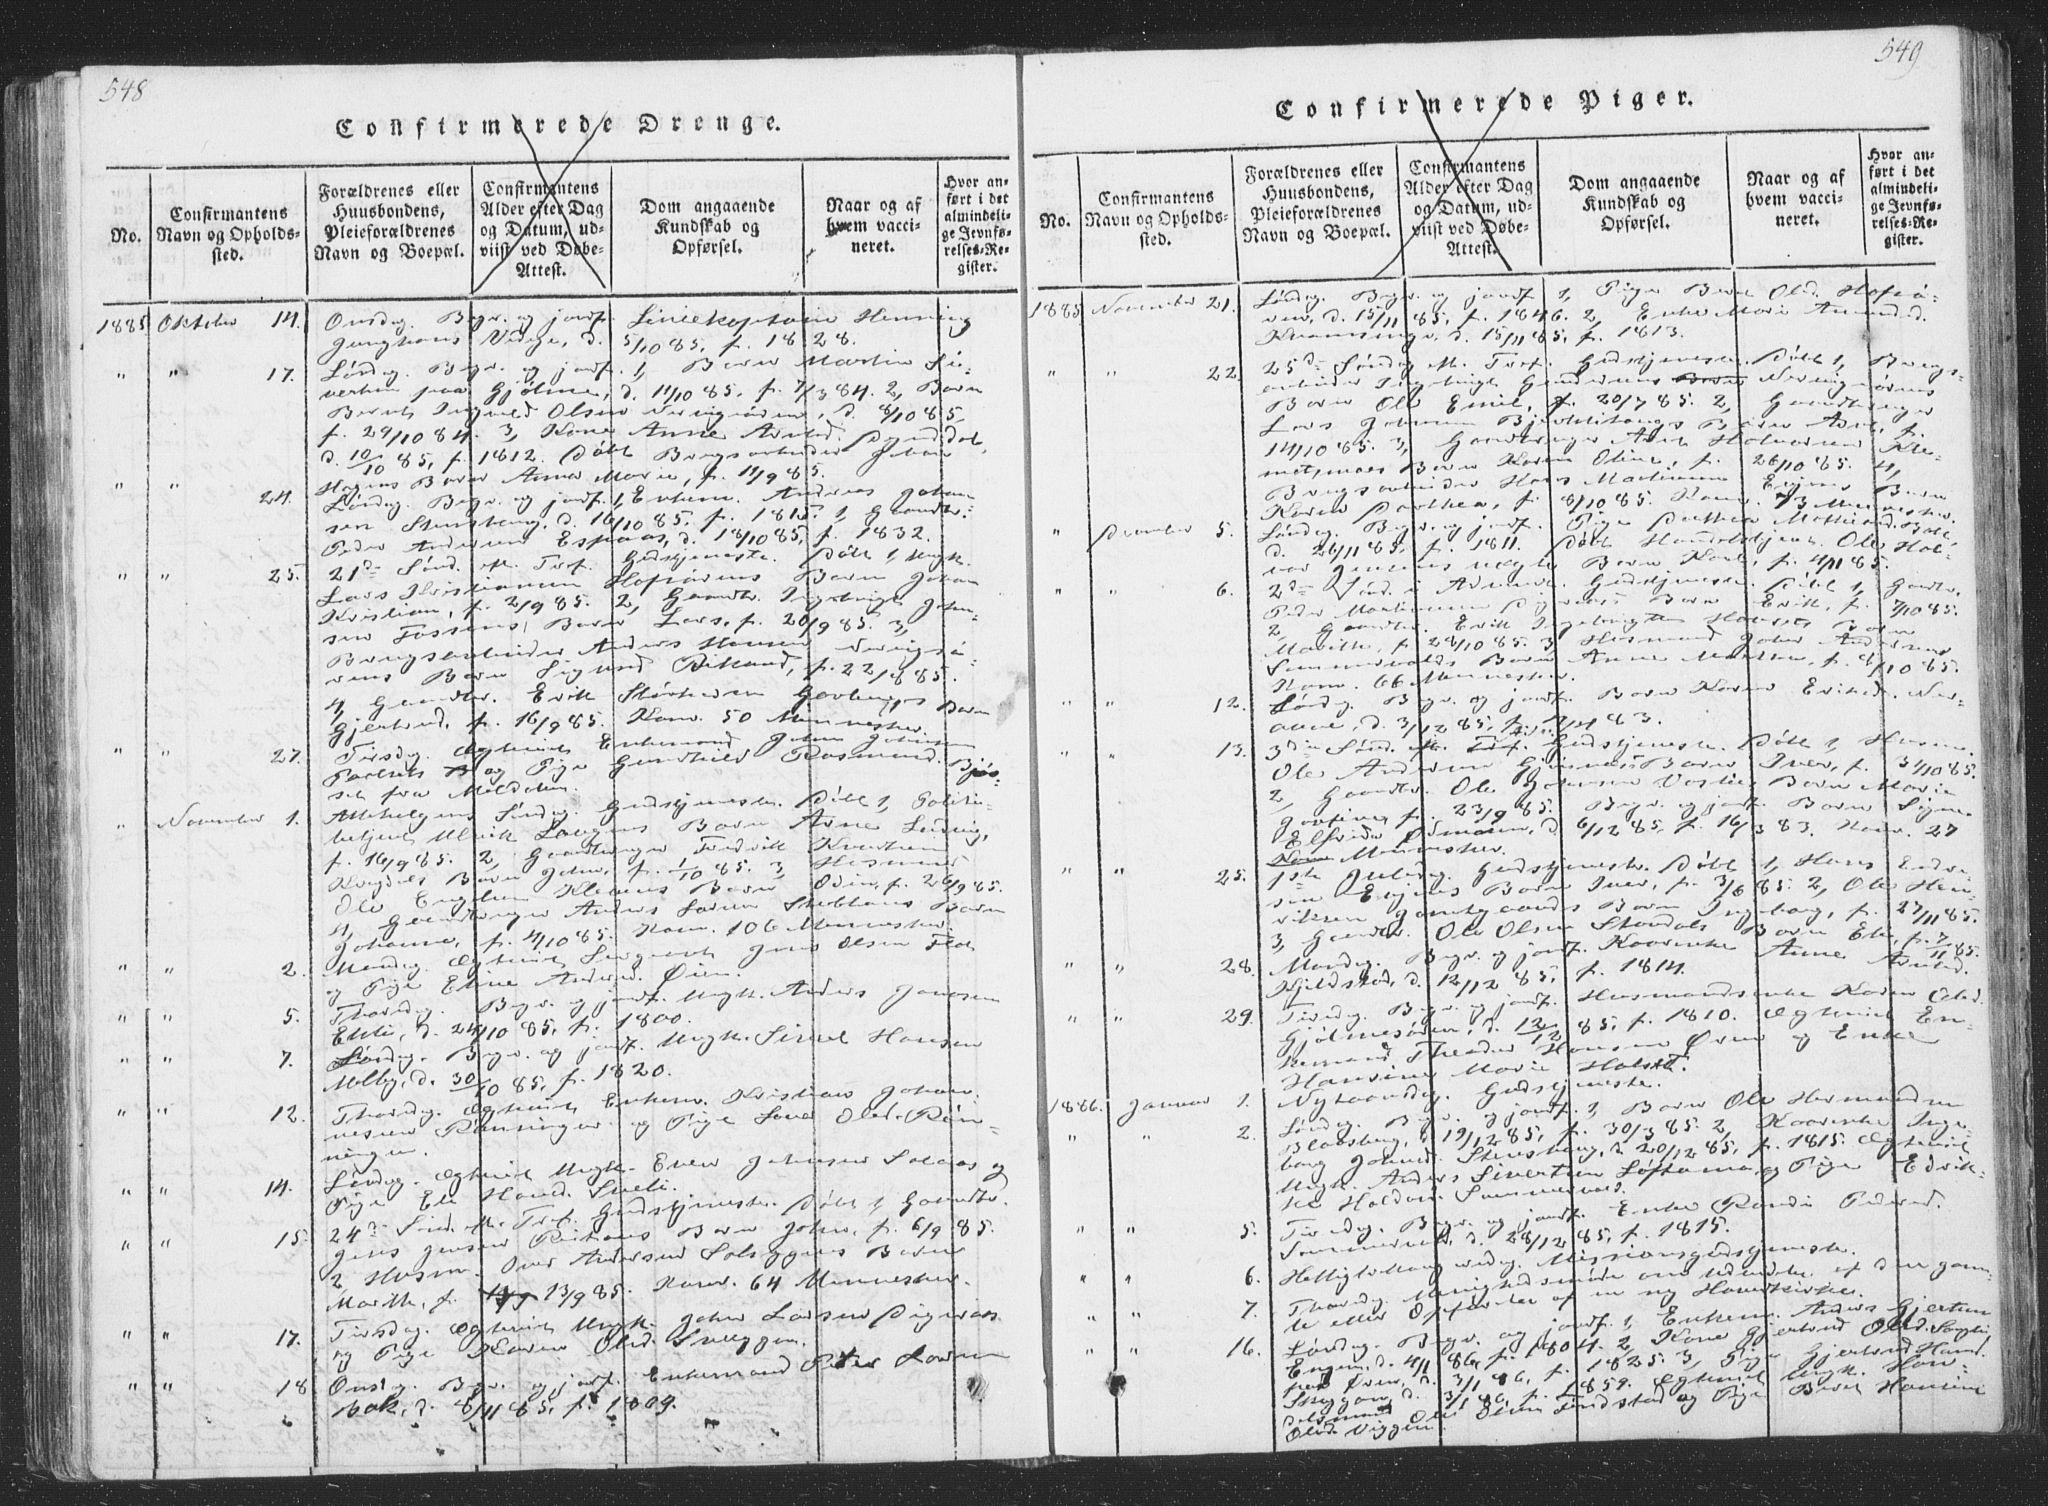 SAT, Ministerialprotokoller, klokkerbøker og fødselsregistre - Sør-Trøndelag, 668/L0816: Klokkerbok nr. 668C05, 1816-1893, s. 548-549